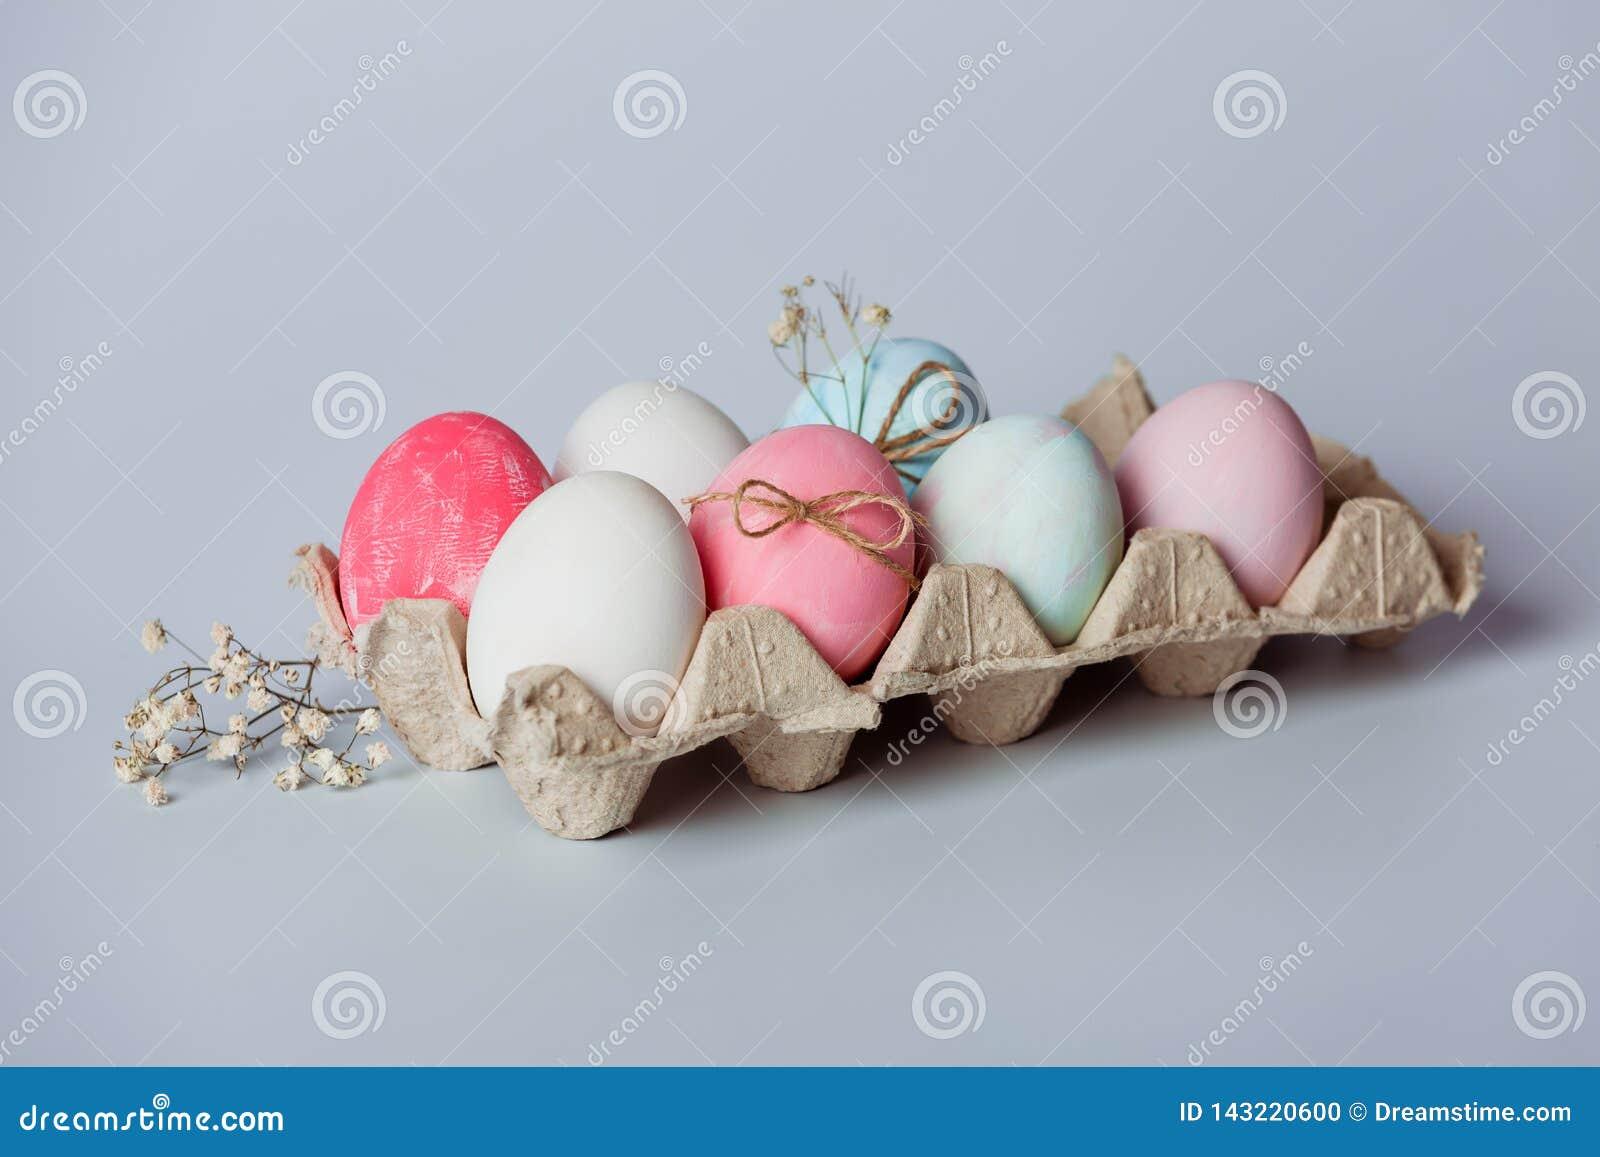 Dekorować jajka Wielkanoc przychodzi wkrótce